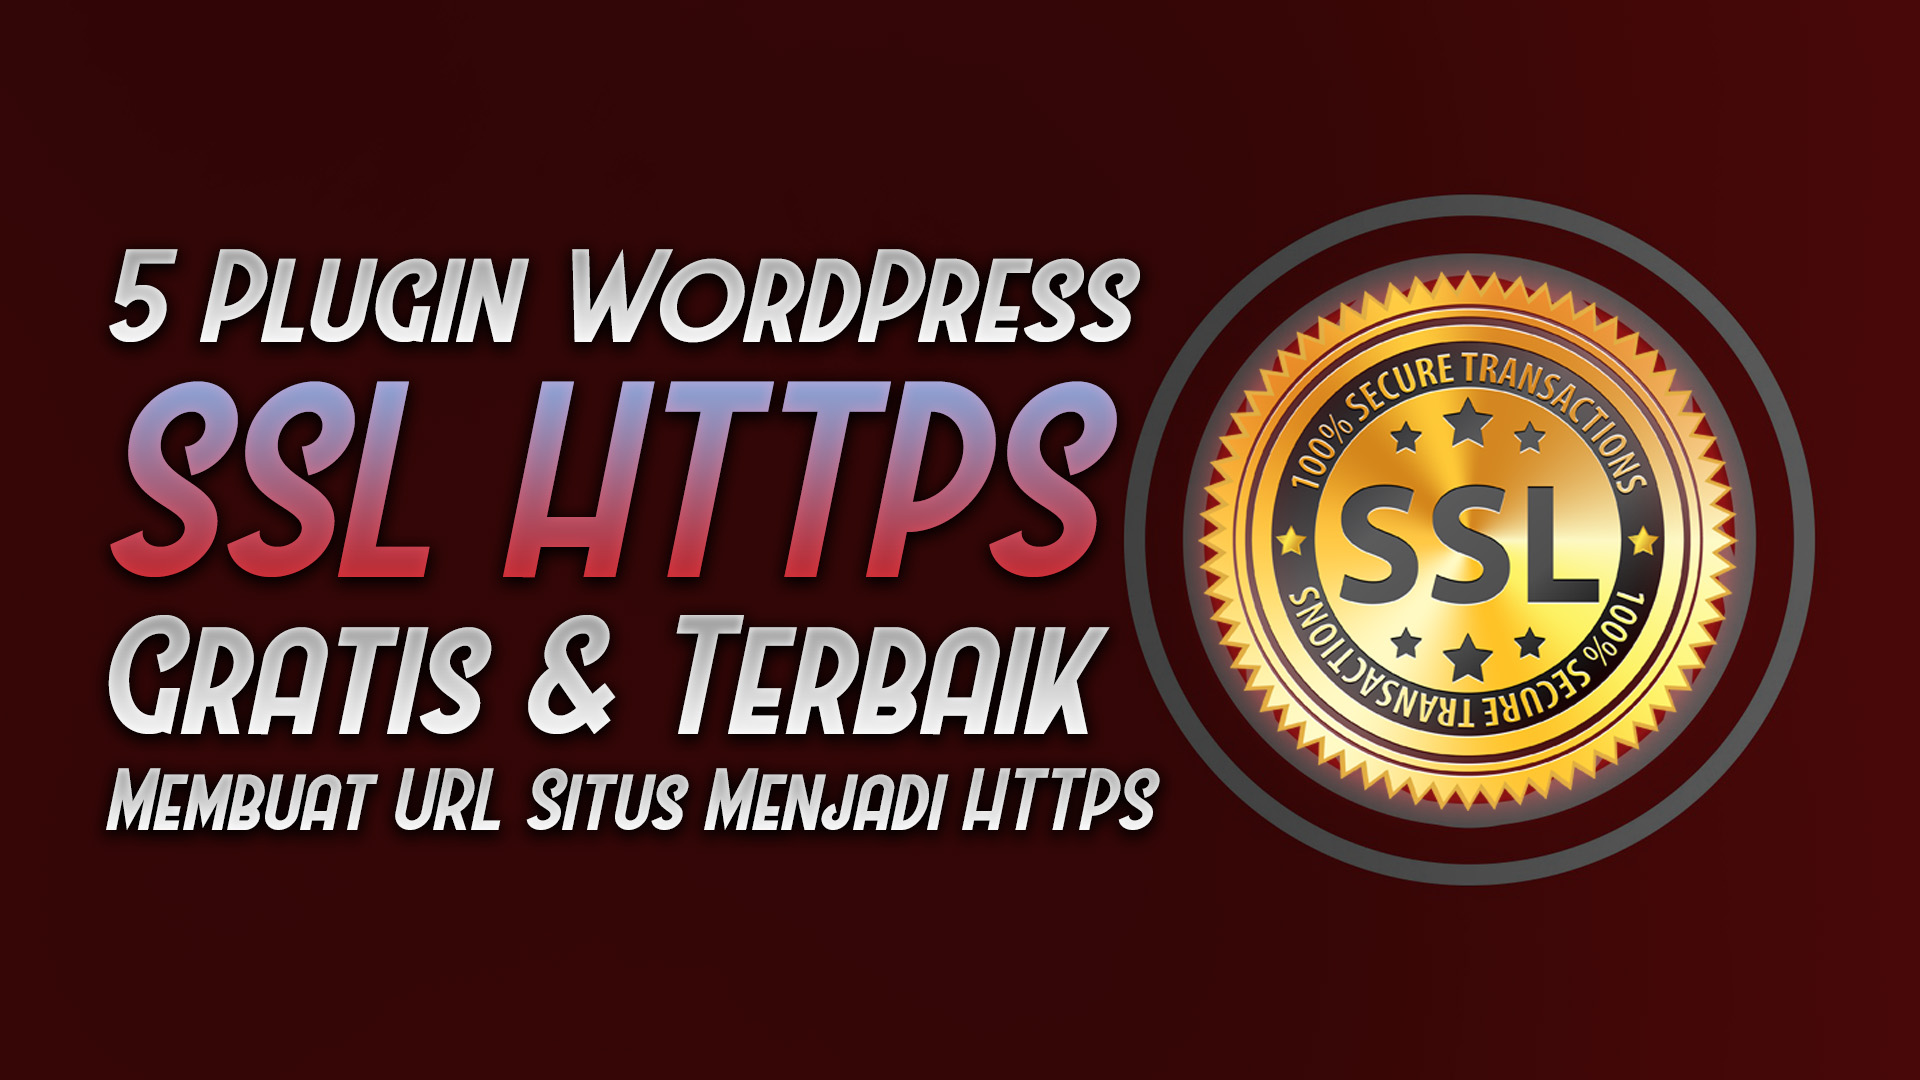 daftar plugin wordpress gratis terbaik ssl https - rio bermano